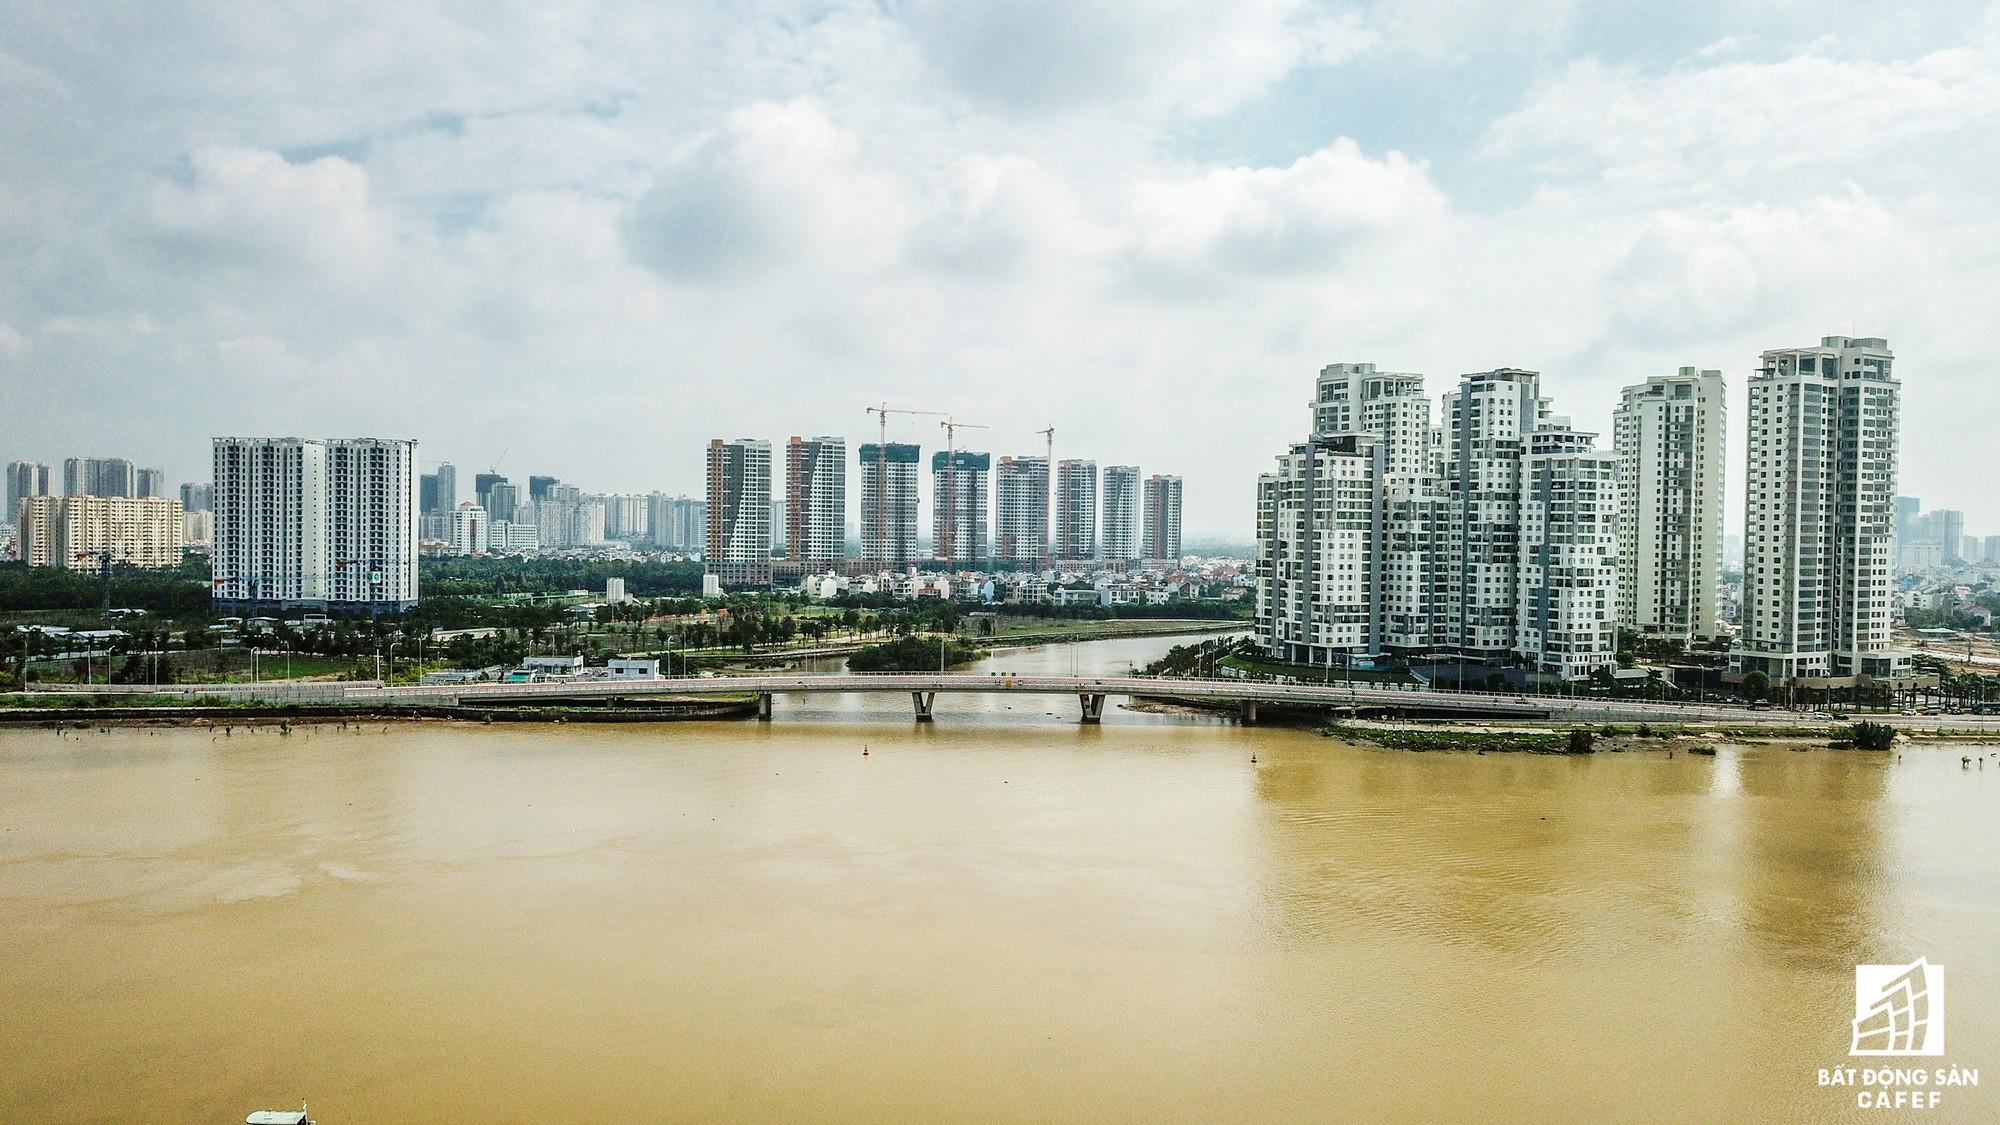 Diện mạo hai bờ sông Sài Gòn tương lai nhìn từ loạt siêu dự án tỷ đô, khu vực trung tâm giá nhà lên hơn 1 tỷ đồng/m2 - Ảnh 11.